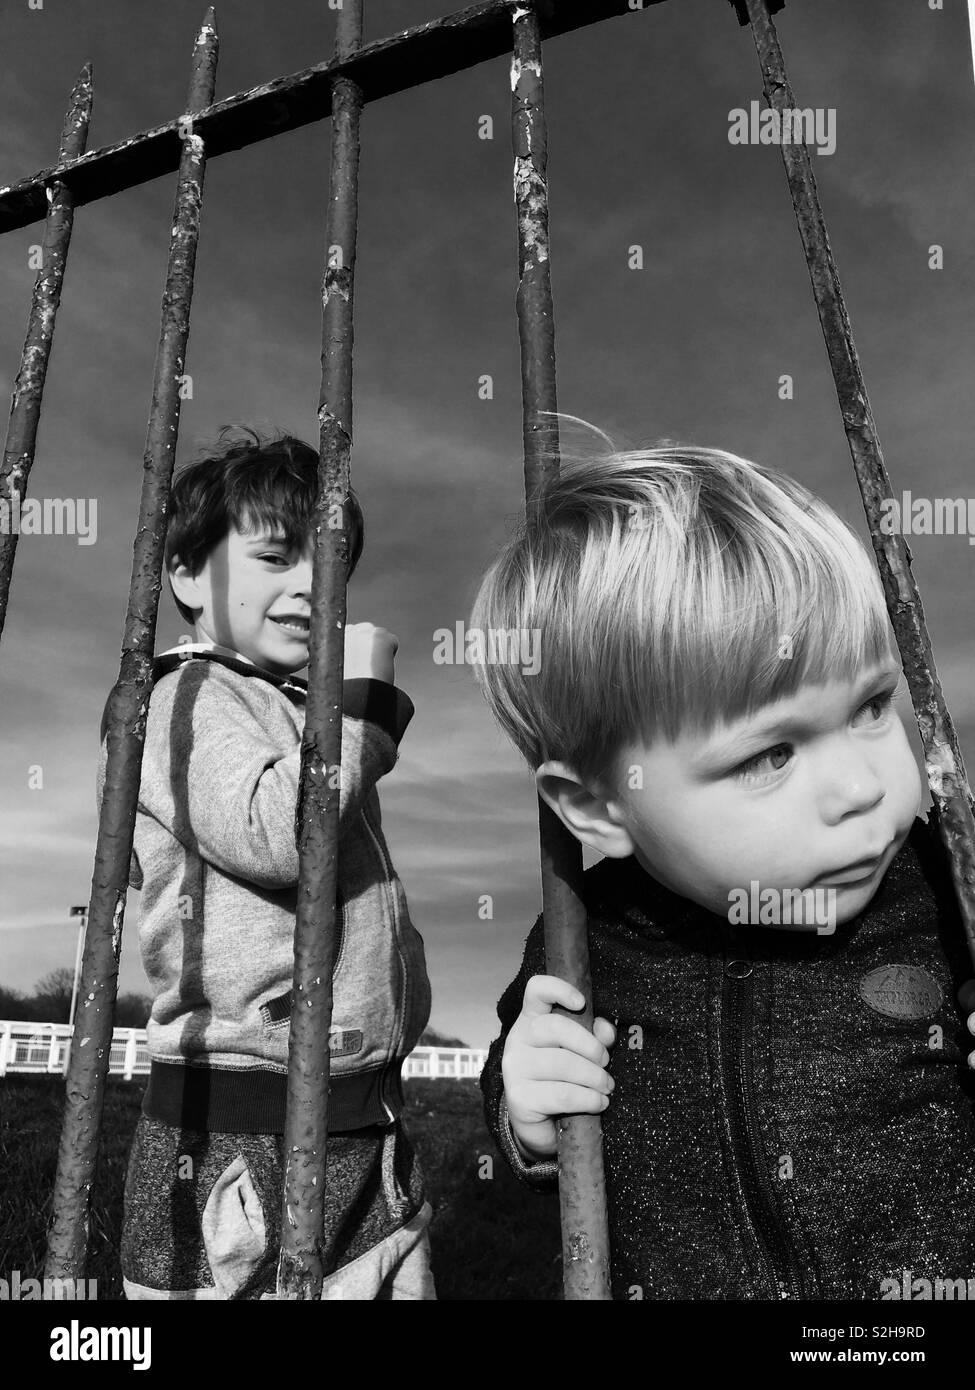 Cool kids Imagen De Stock